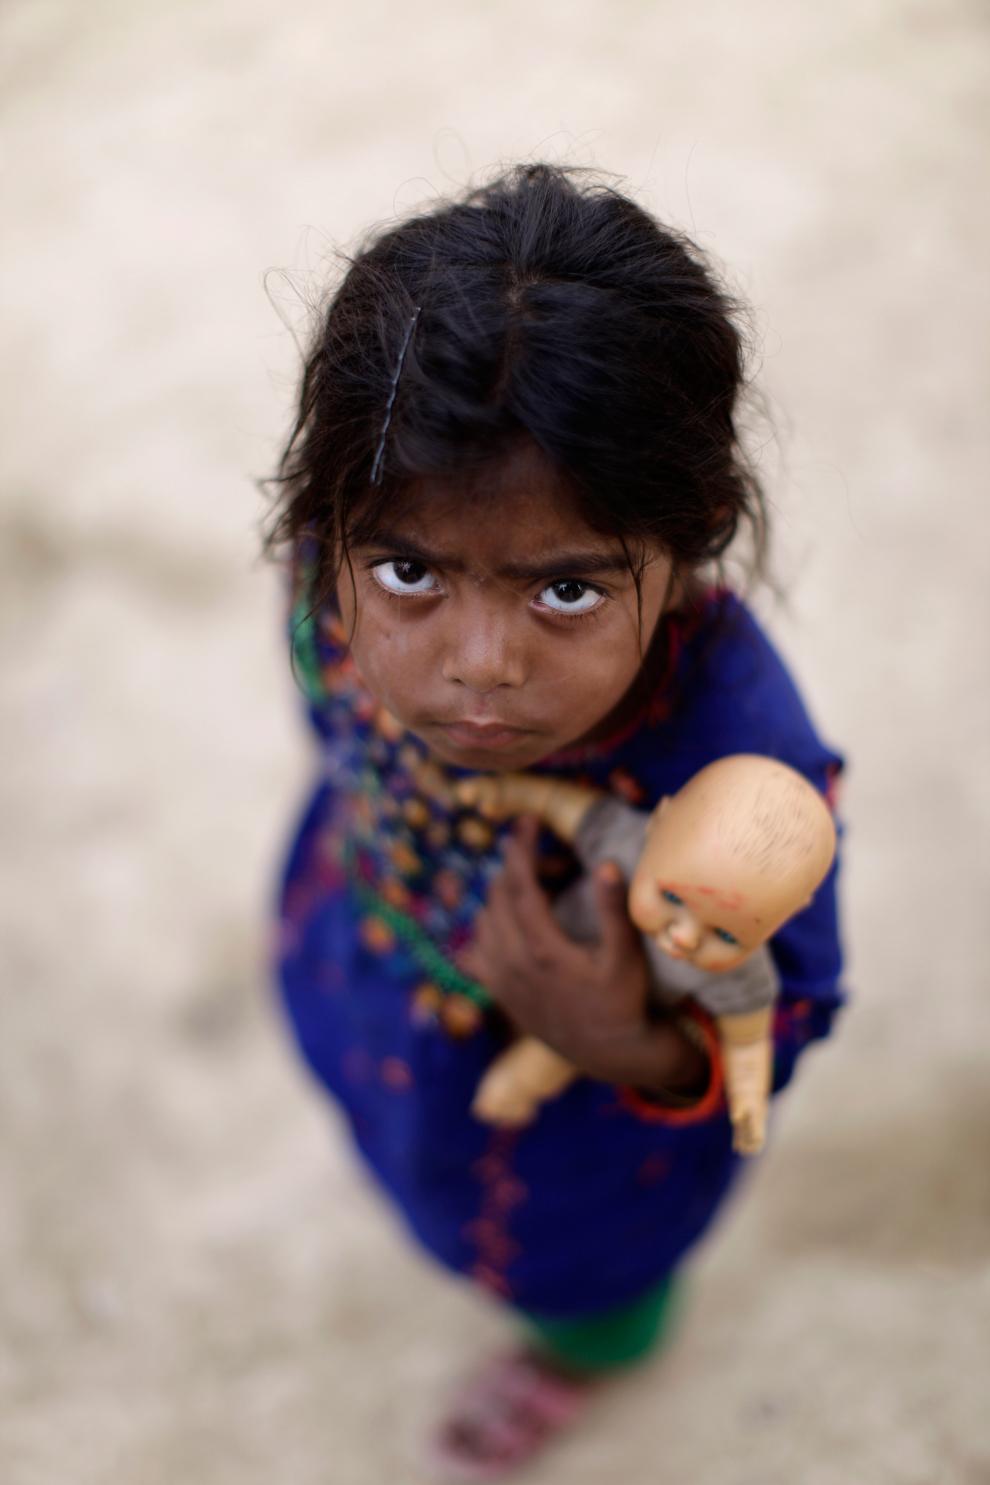 5-летняя Сайма Хашим (Saima Hashim) смотрит на фотографа в трущобах на окраине Исламабада, Пакистан, 18 июня 2012 года. Ее семья была вынуждена покинуть свою деревню в провинции Синд в Пакистане во время наводнения в 2010 году.